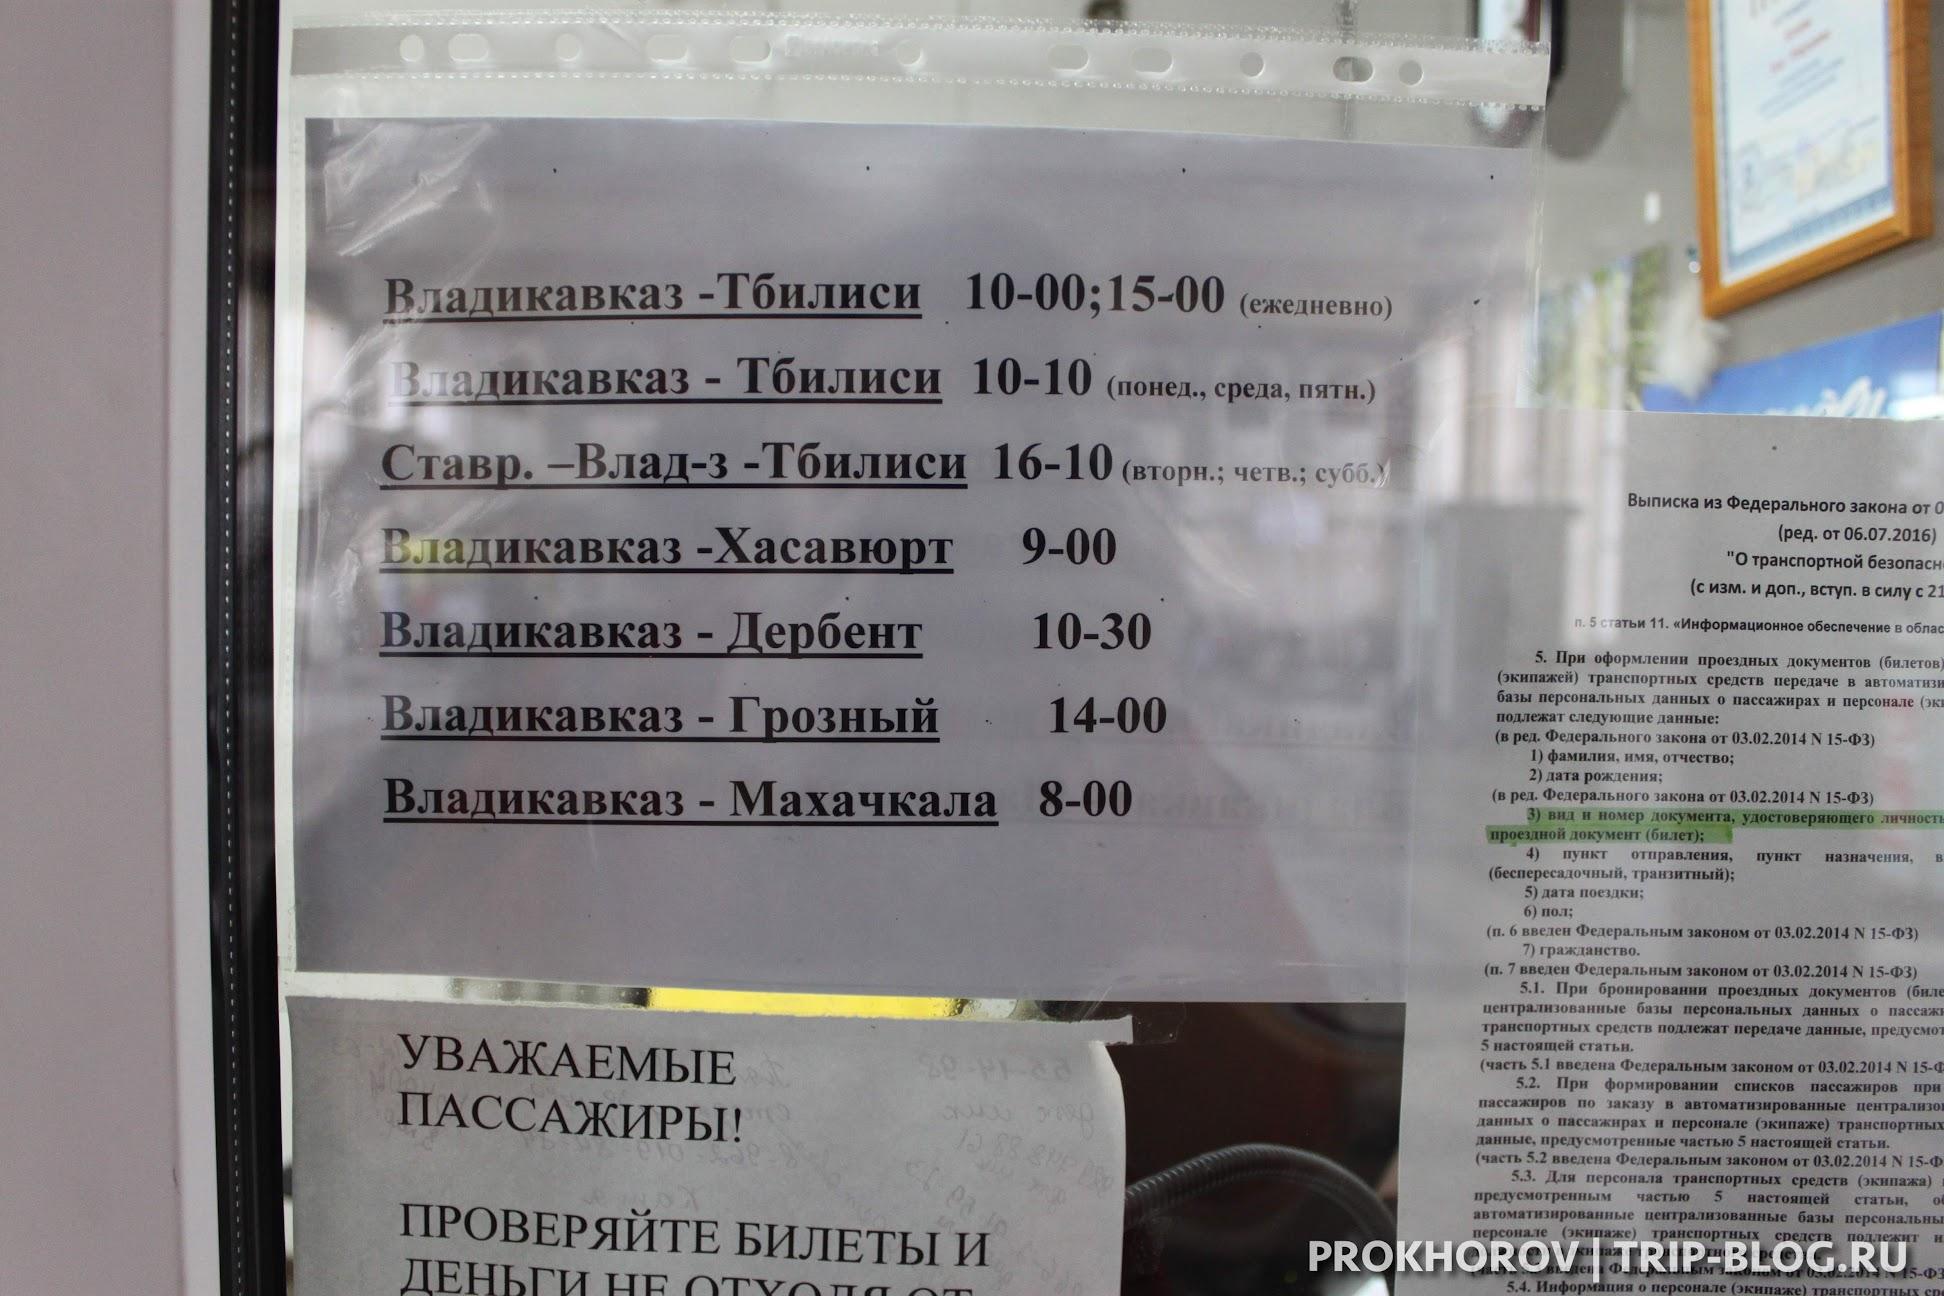 raspisanie-avtobusov-vladikavkaz-tbilisi